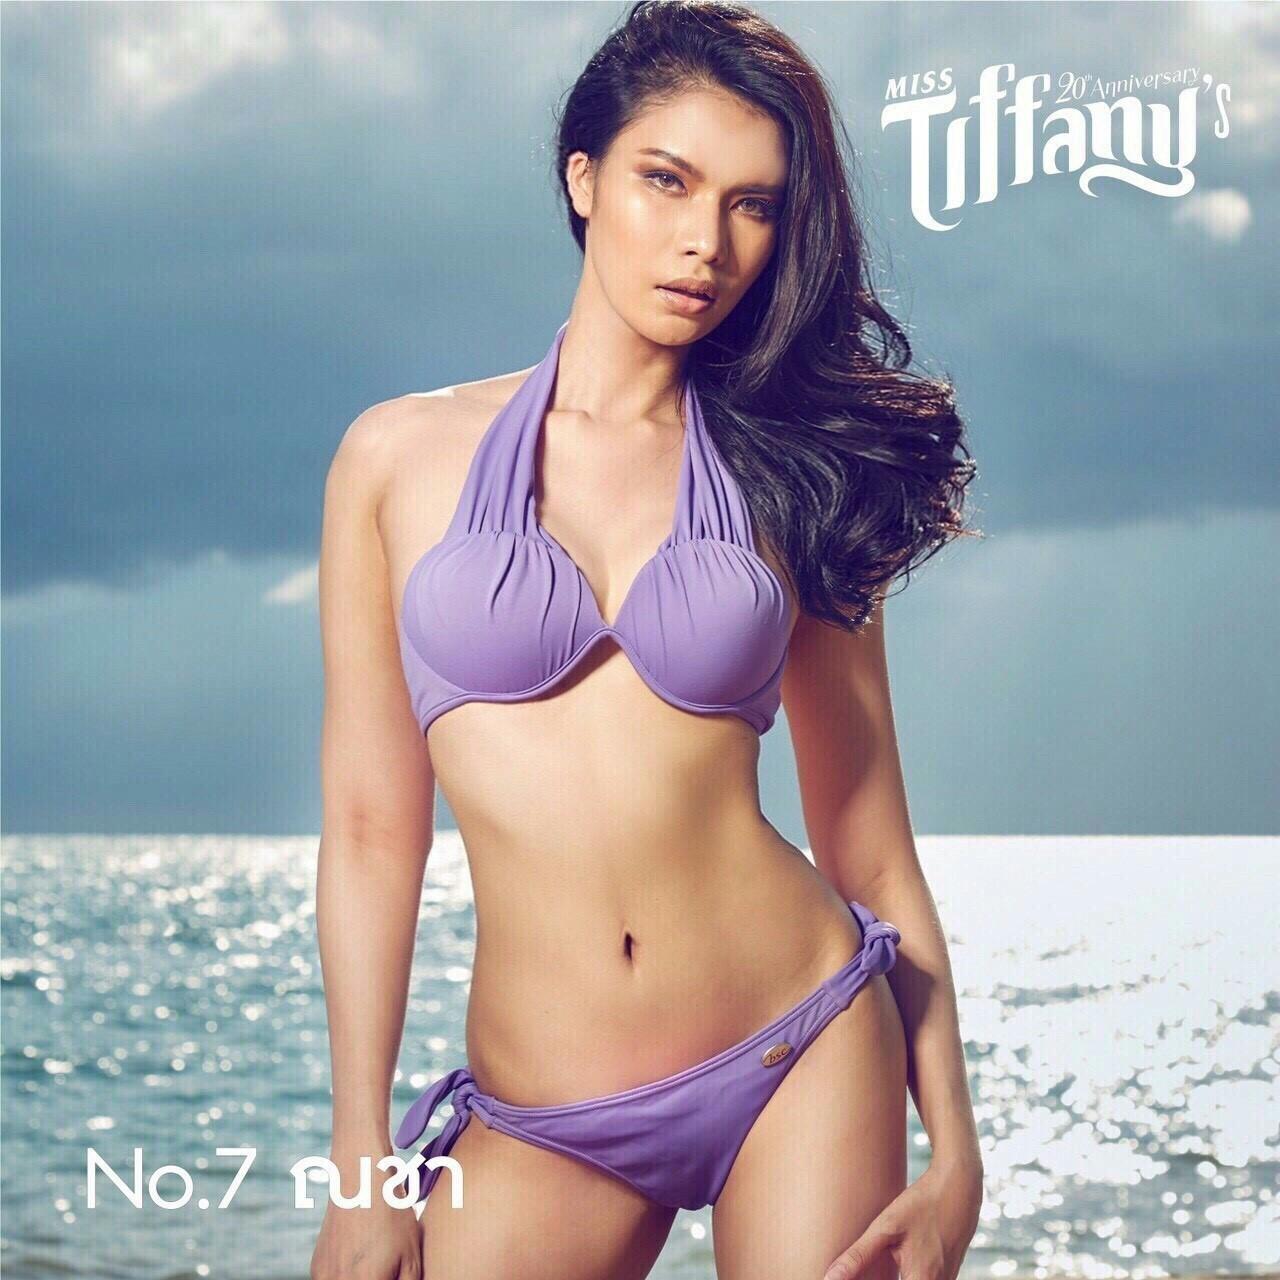 Ngắm body bốc lửa của dàn thí sinh Hoa hậu Chuyển giới Thái Lan, cô gái nào mà không khỏi ghen tị! - Ảnh 7.